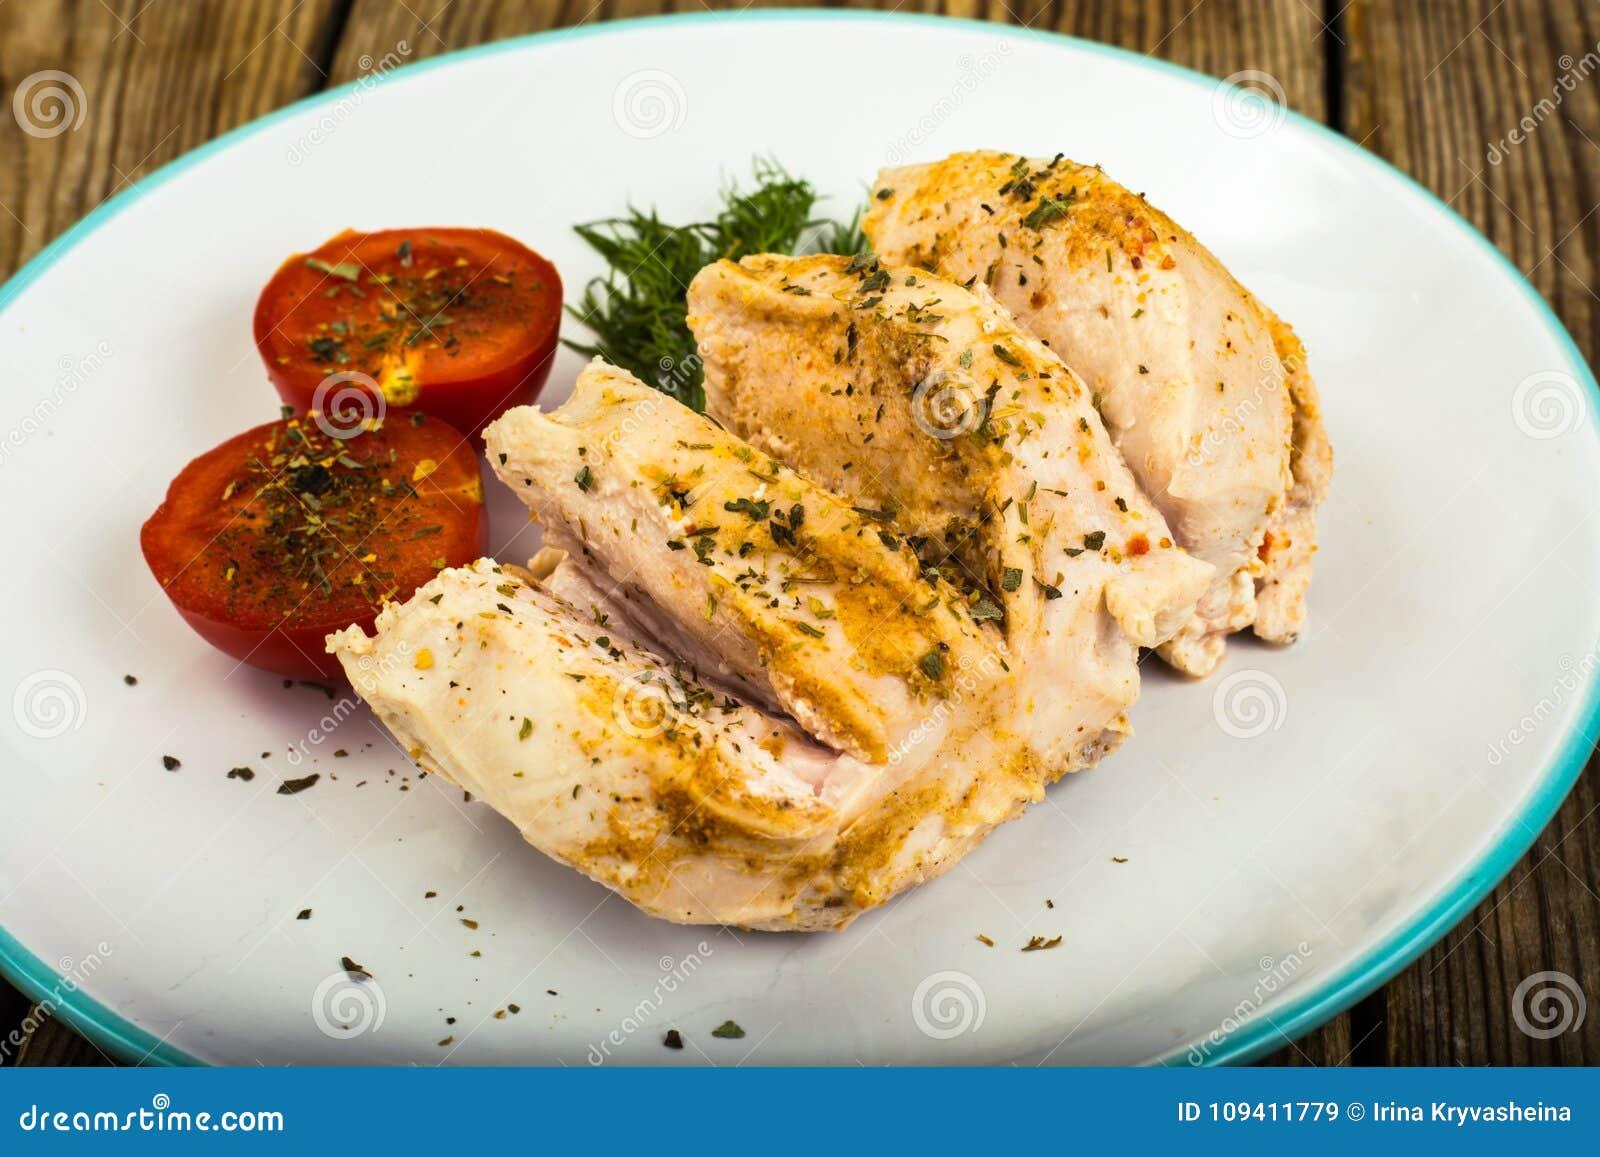 cenas de dieta con pollo